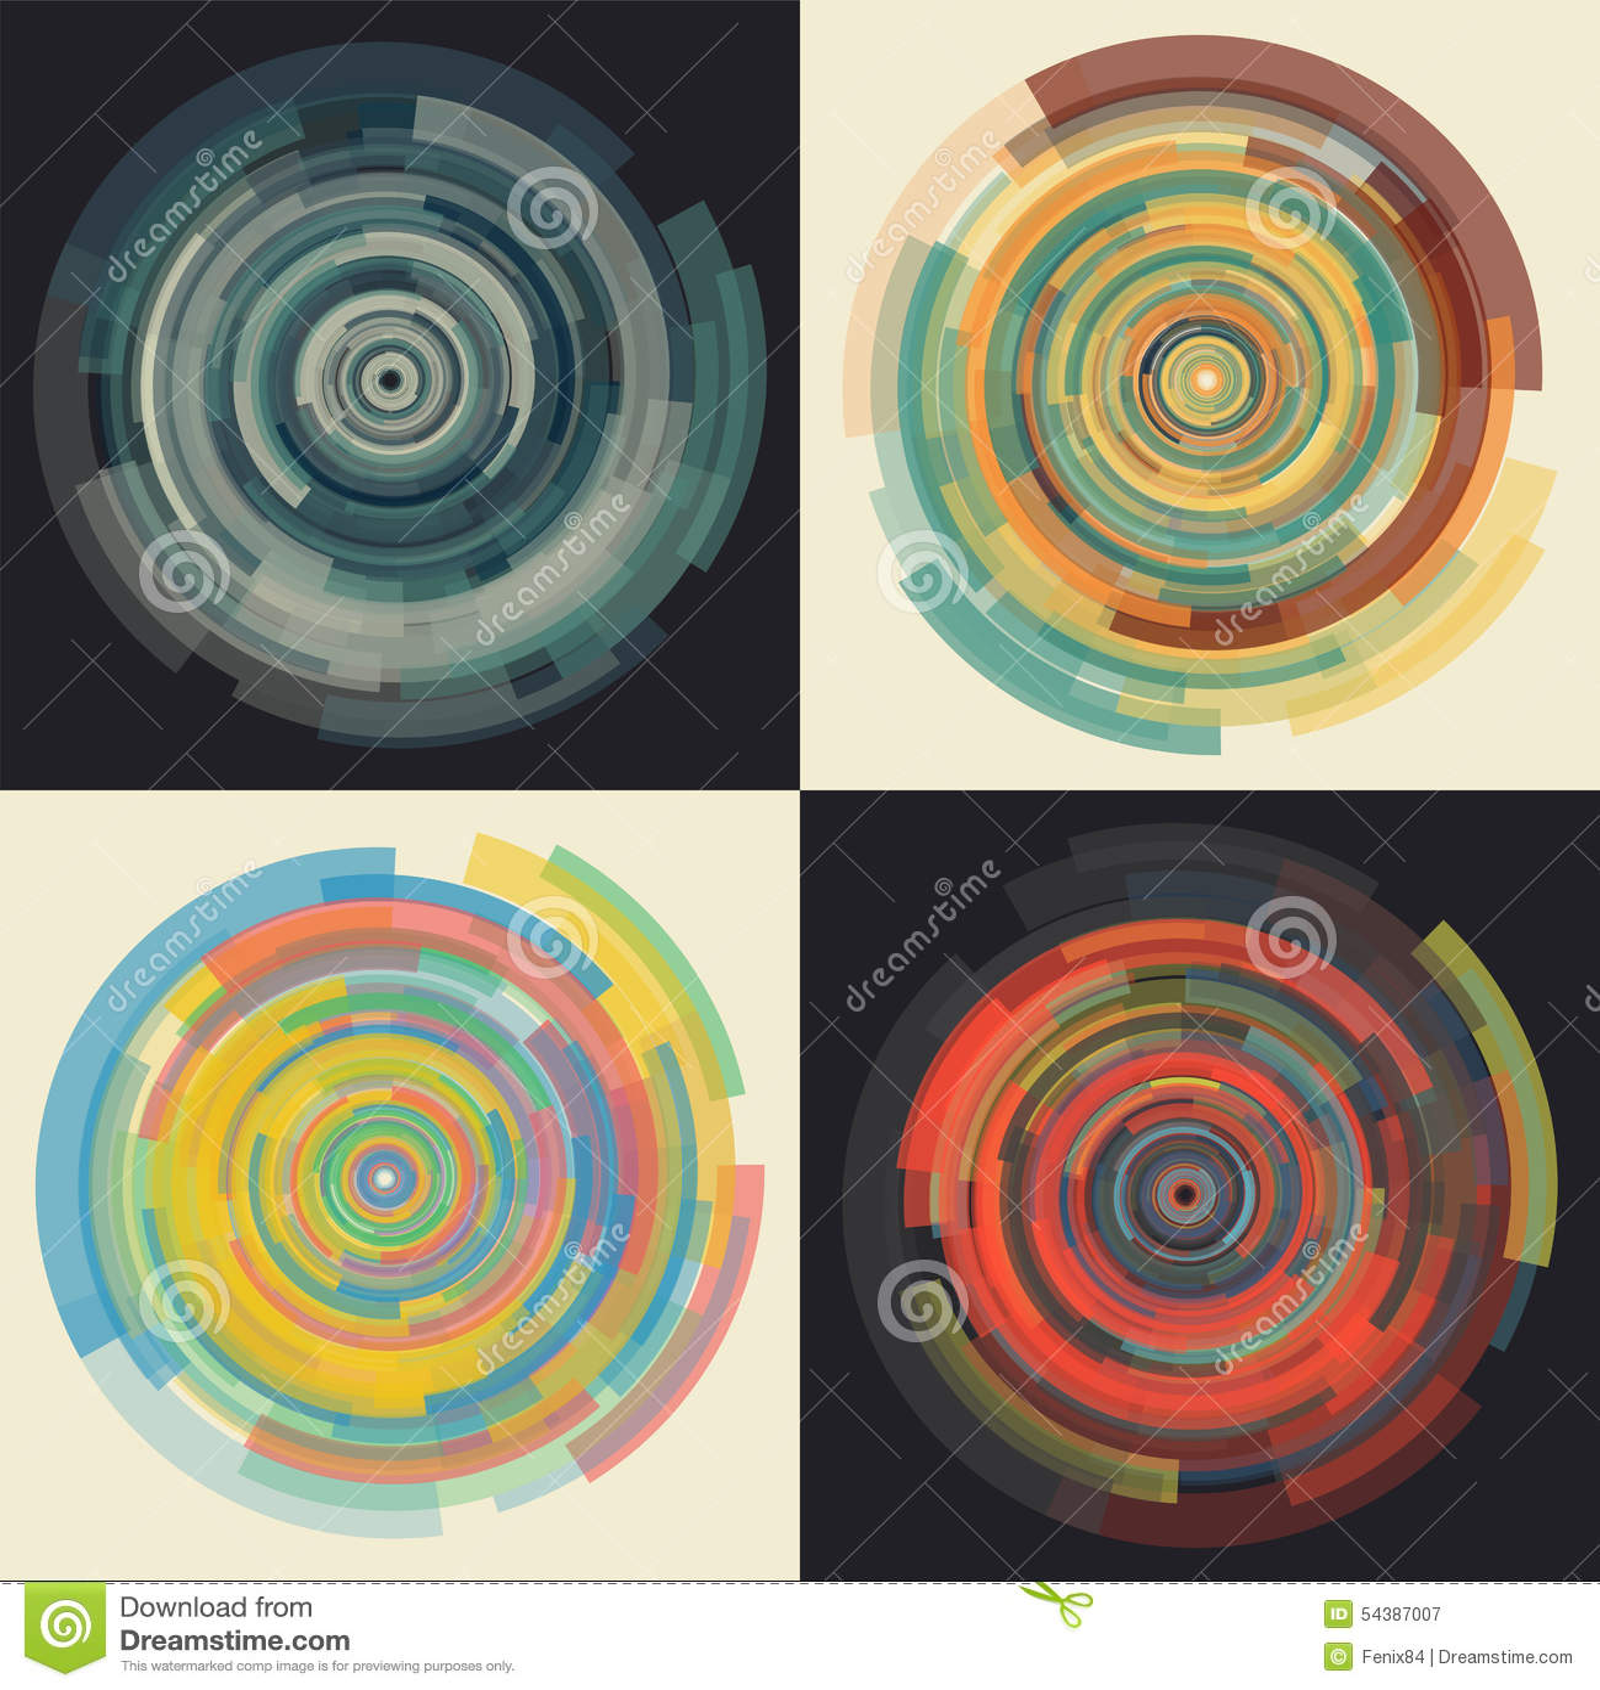 Fundo abstrato do vetor em elementos circulares uniformemente de diminuição concêntricos